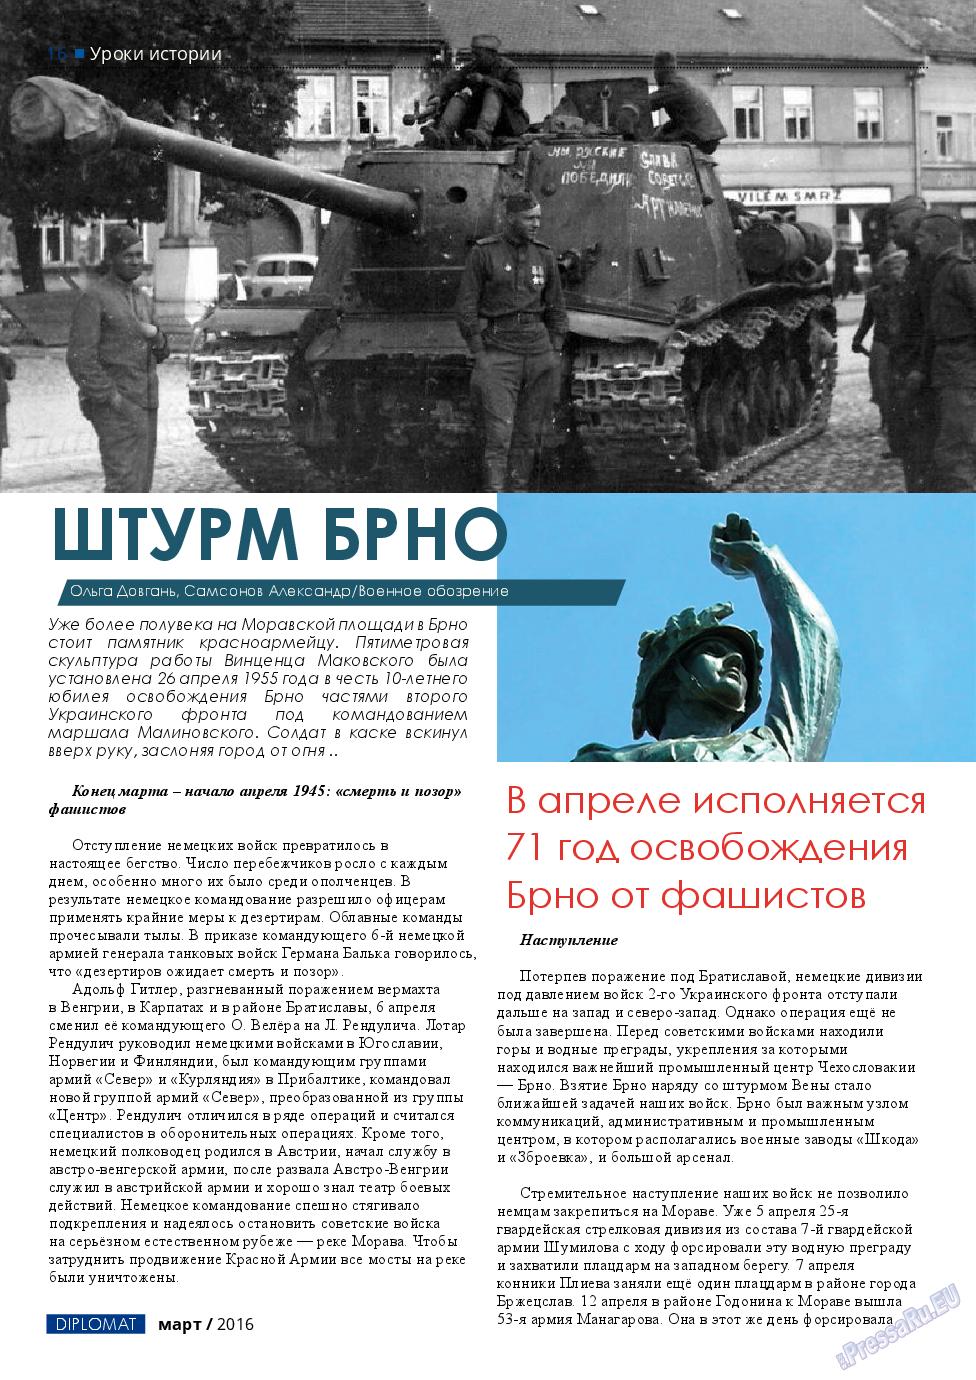 Diplomat (газета). 2016 год, номер 79, стр. 16